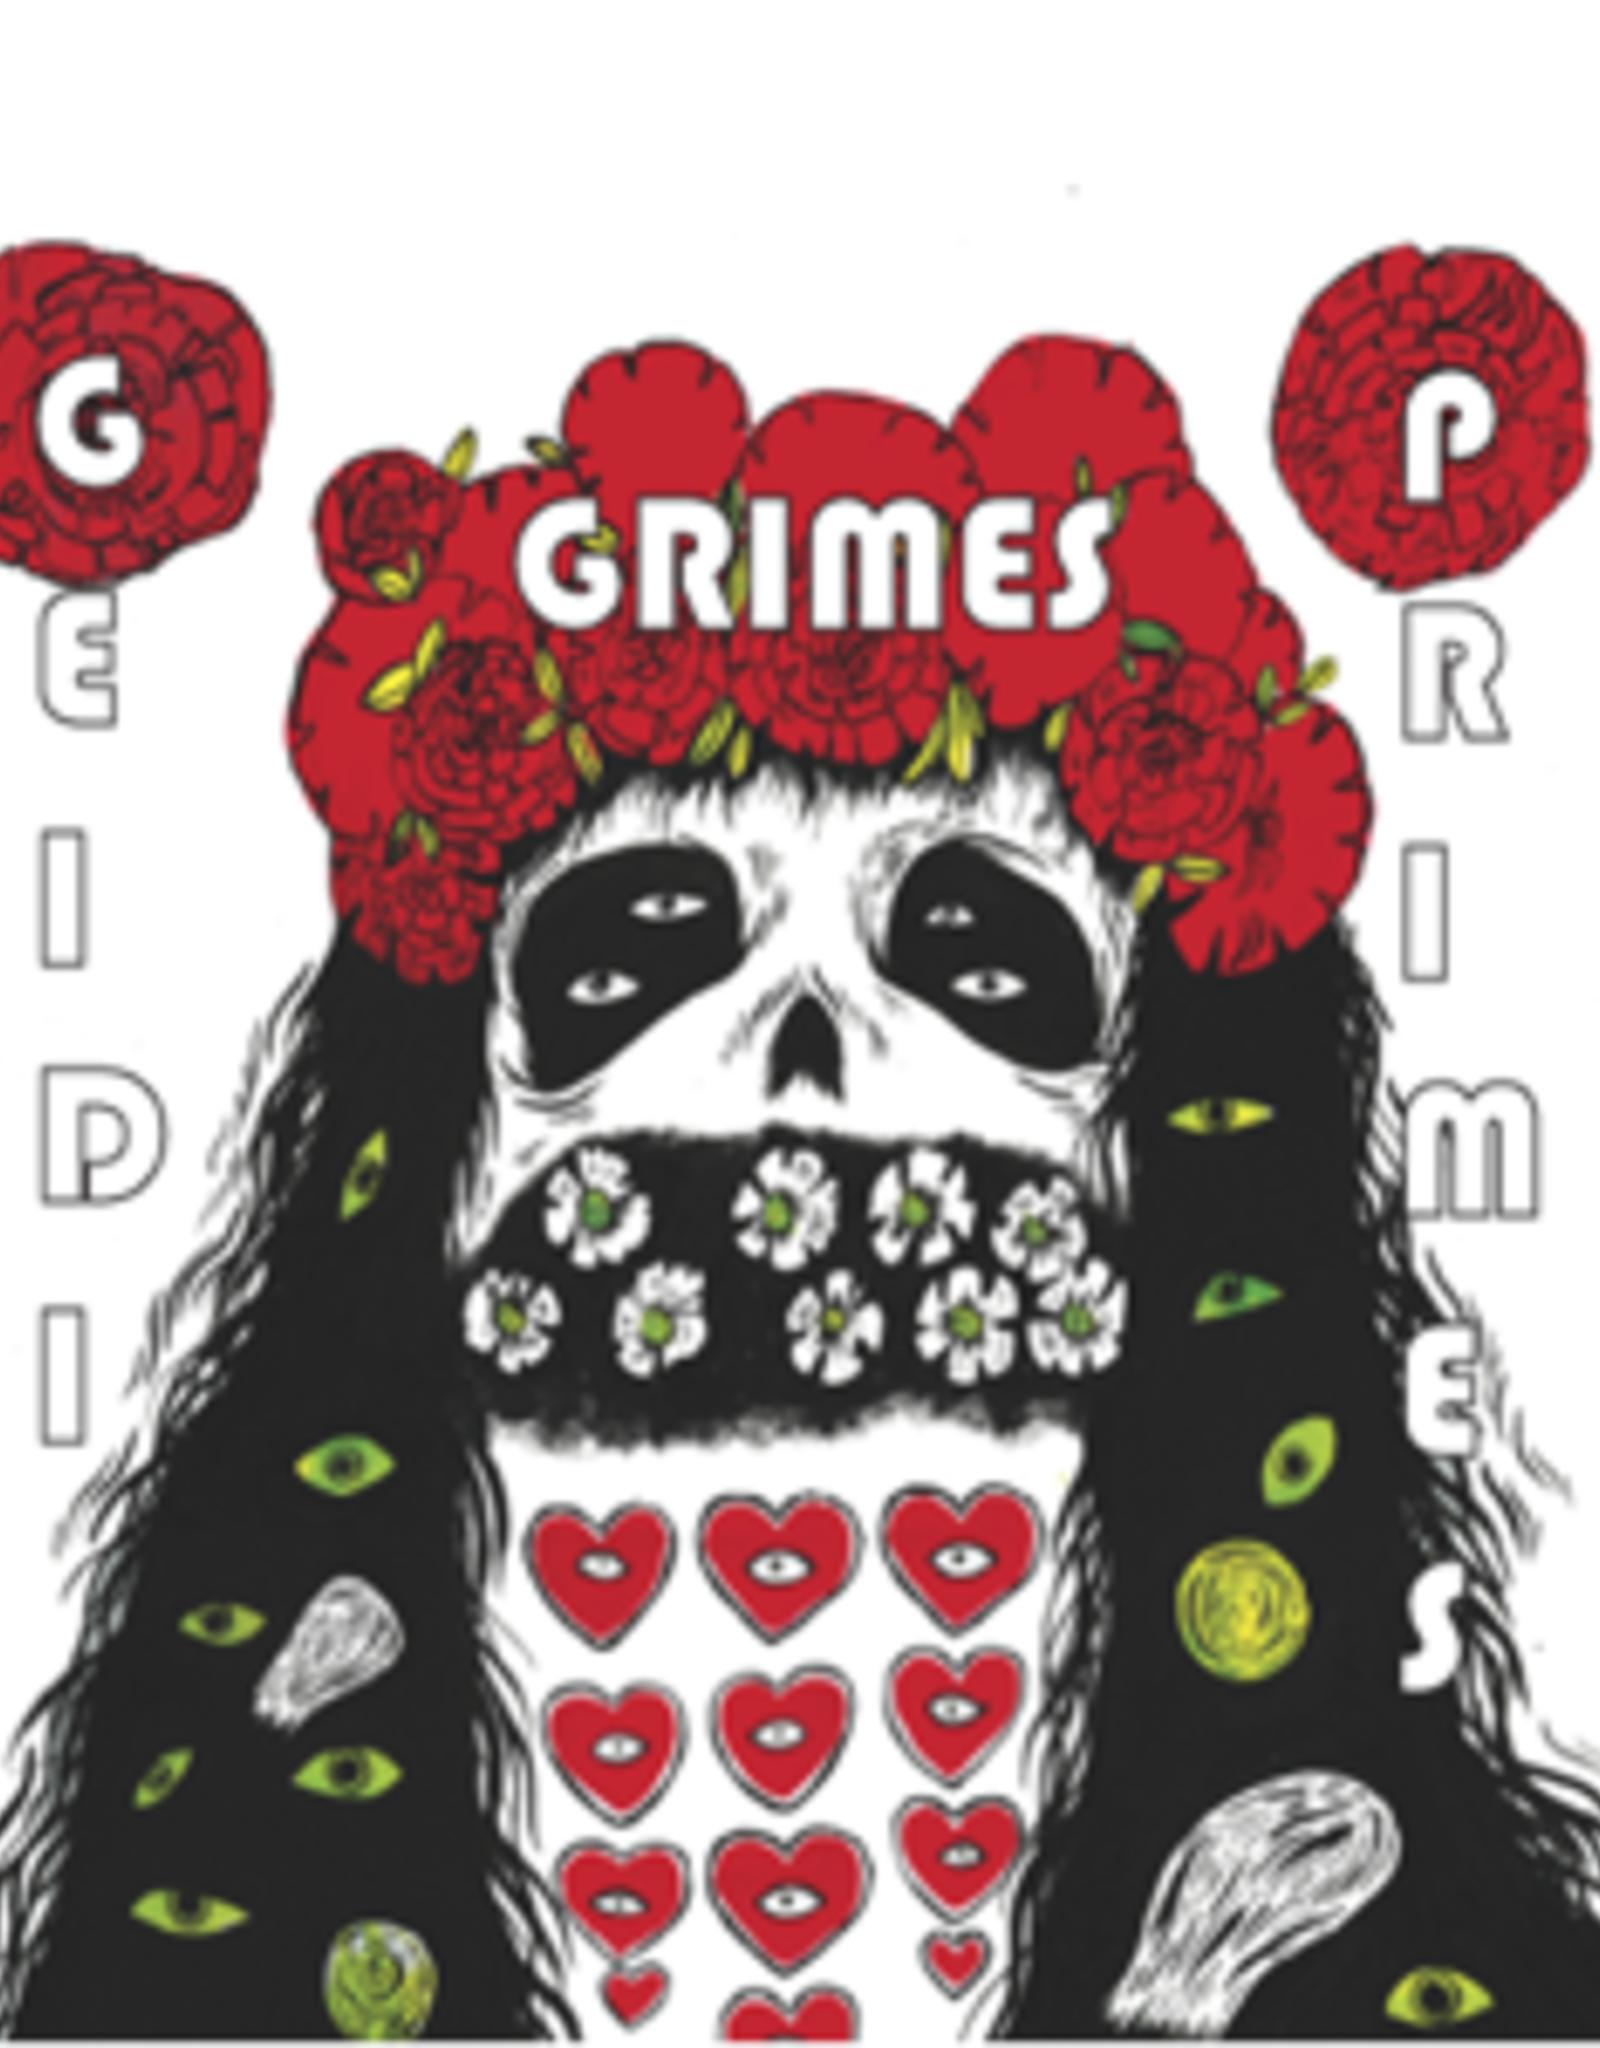 Records Grimes / Geidi Primes